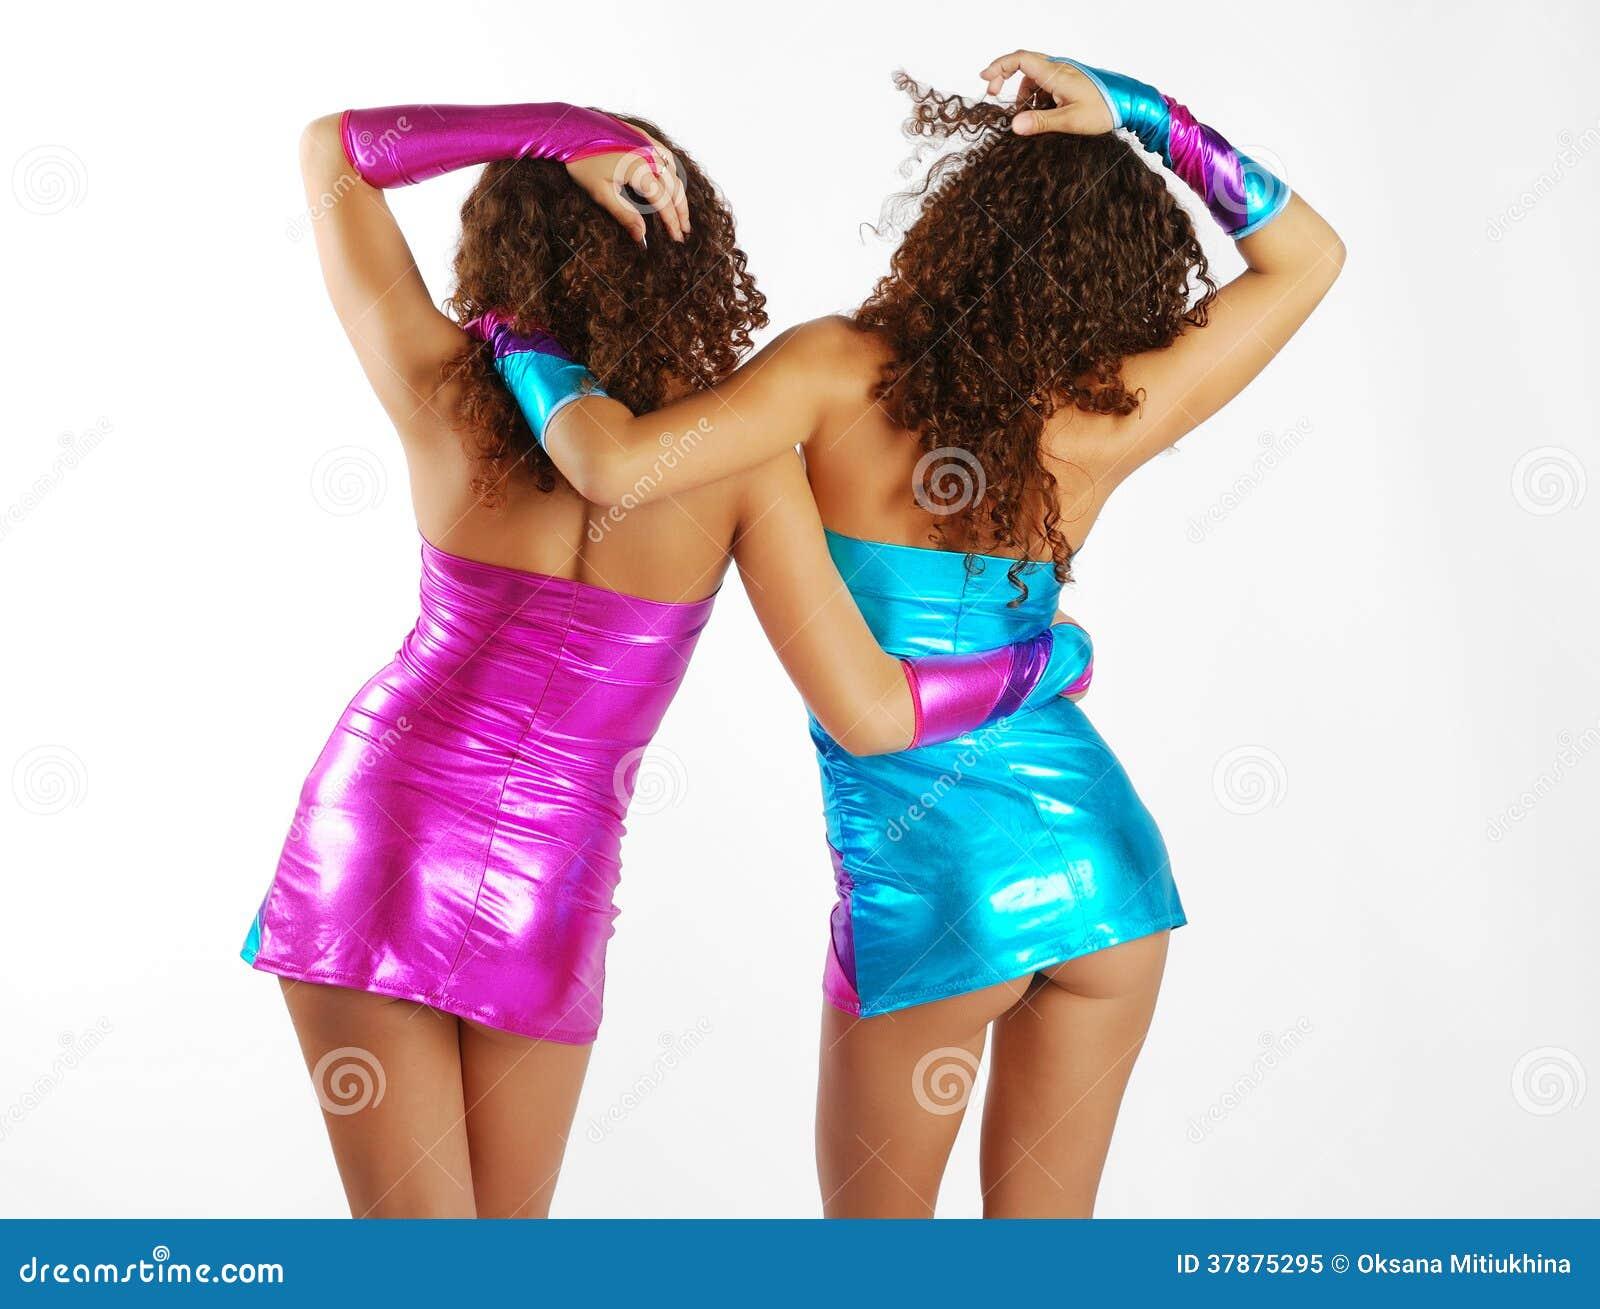 Mujeres bailando con vestidos muy cortos